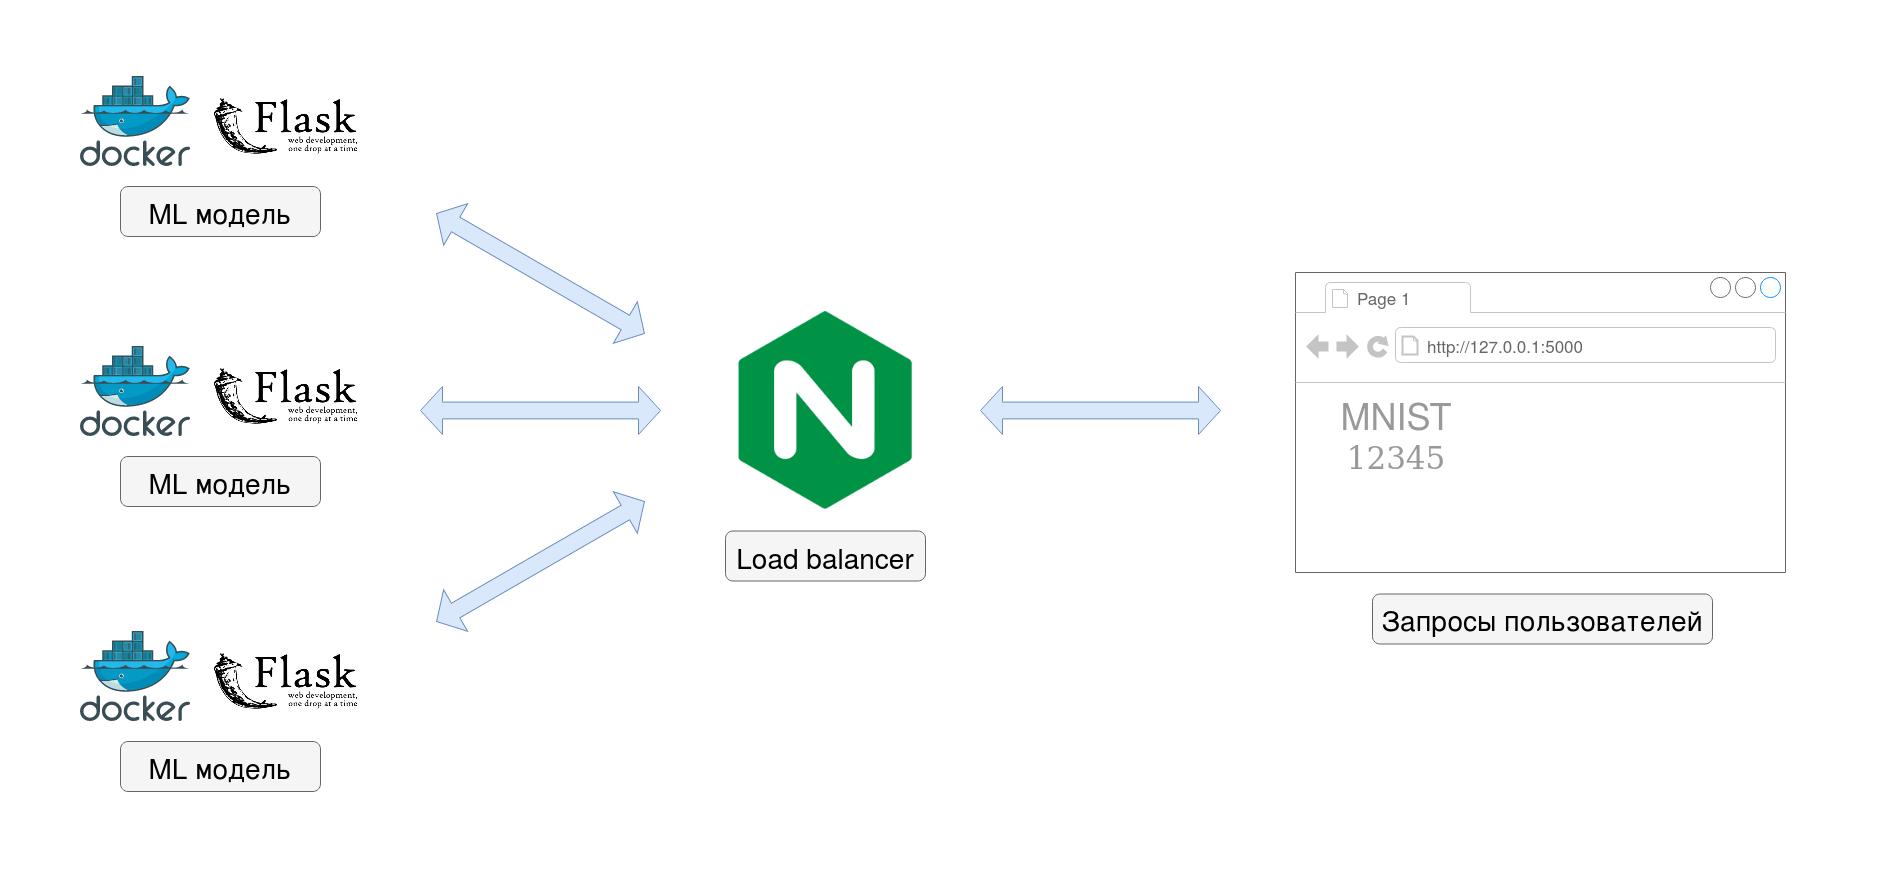 Развертывание ML модели в Docker с использованием Flask (REST API)  масштабирование нагрузки через Nginx балансер